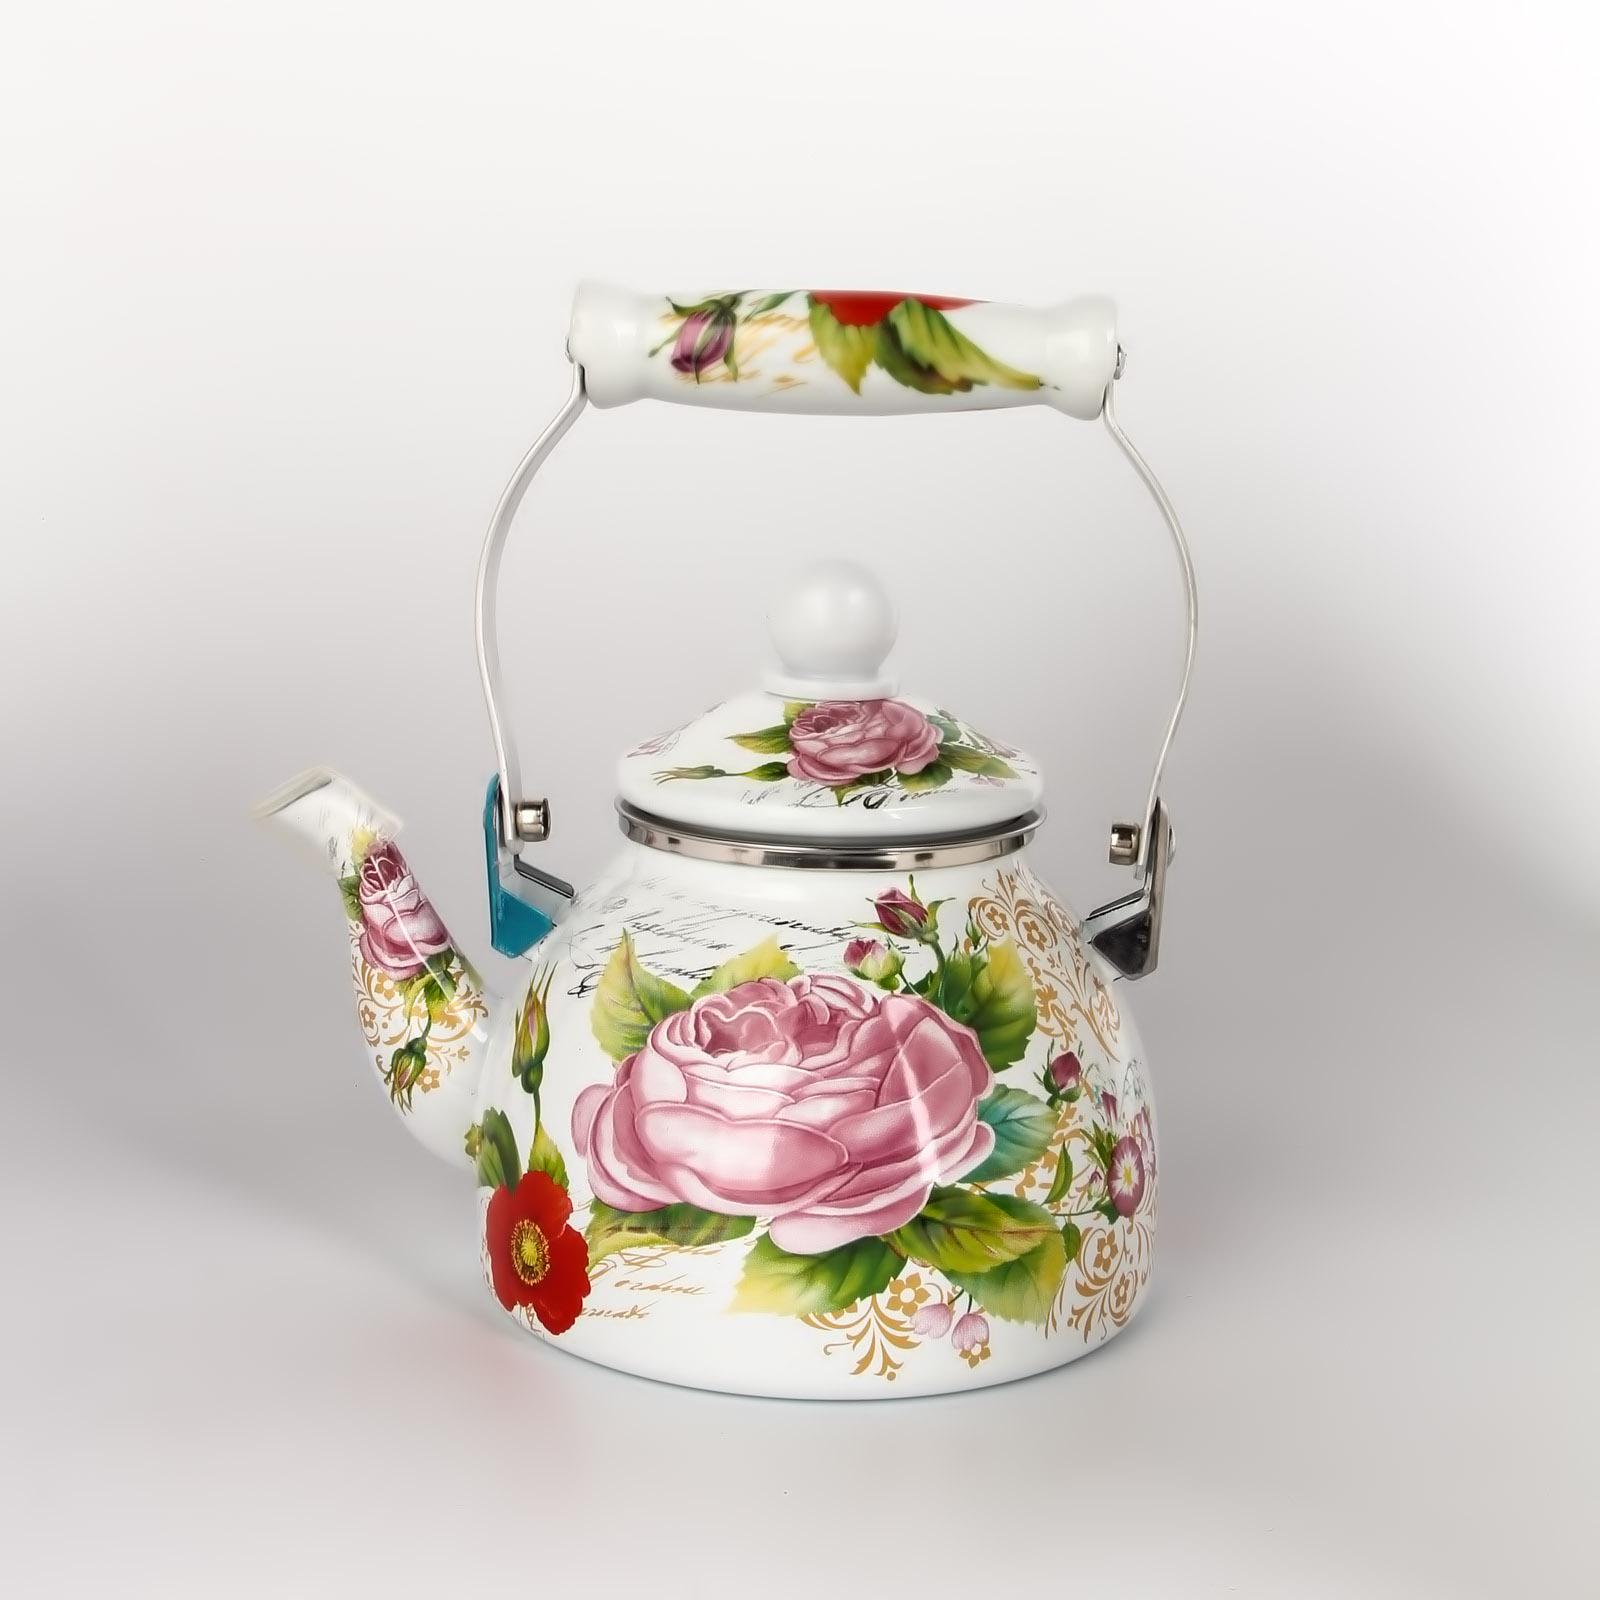 Эмалированный чайник «Магическая роза»